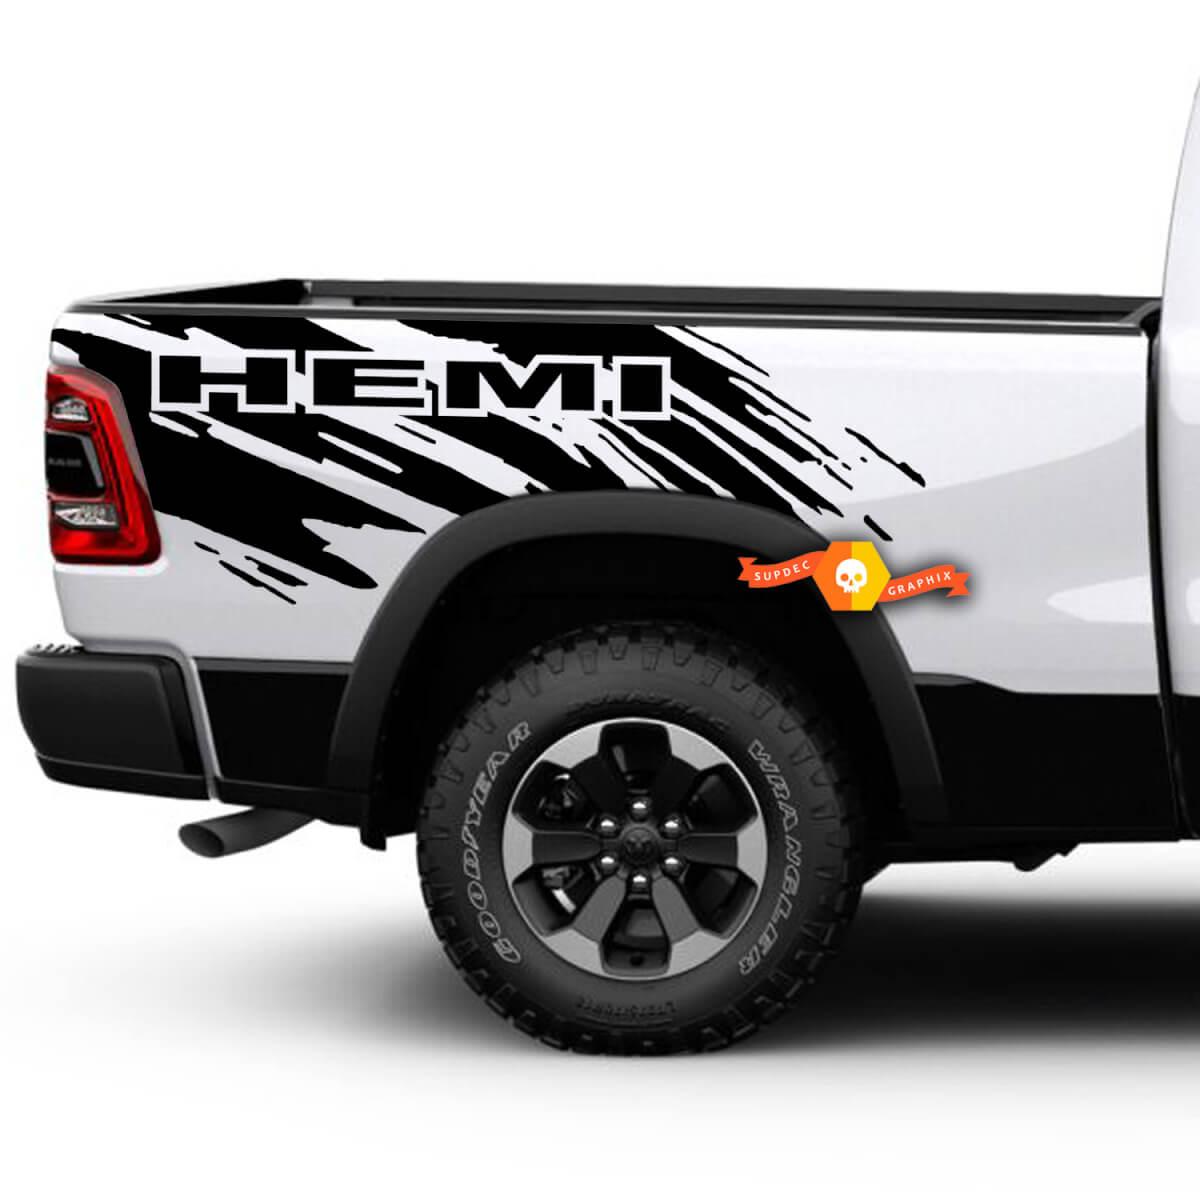 Dodge Ram HEMI Splash Grunge Logo LKW Vinyl Aufkleber Bett Grafik